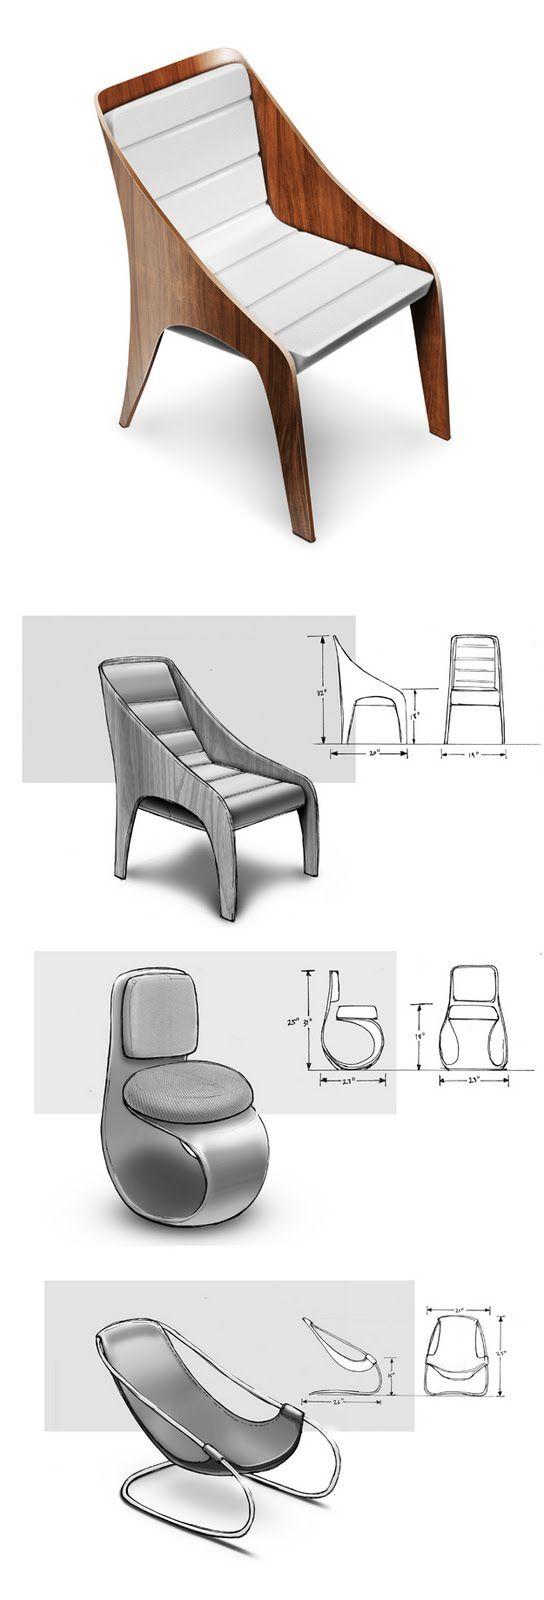 Design Journal: DesComm Chair project